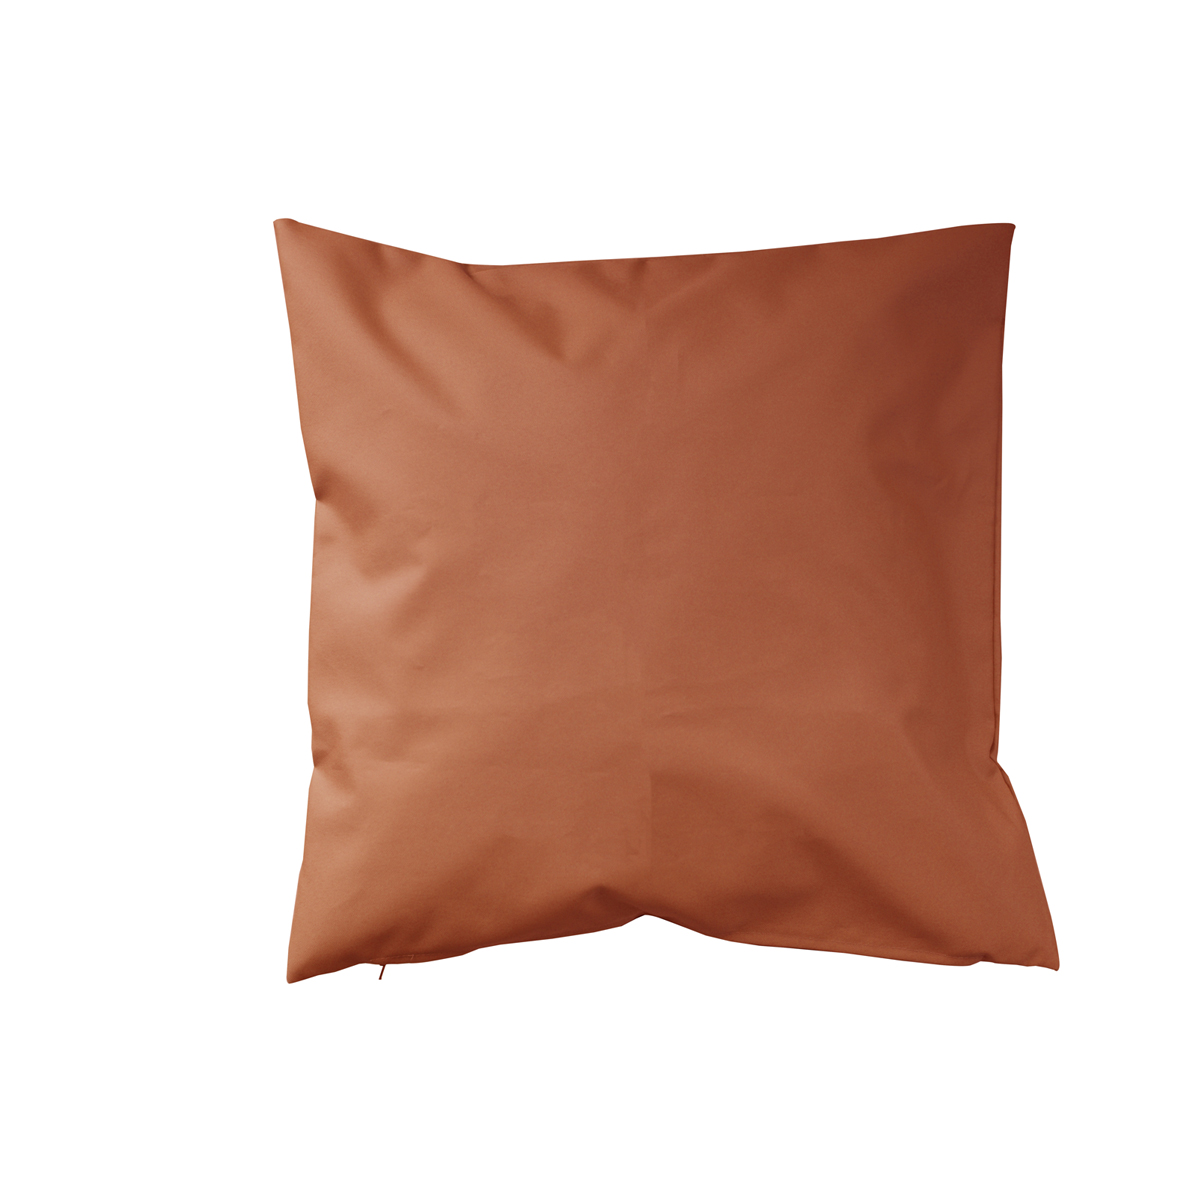 Housse de coussin d'extérieur en tissu outdoor - Orange - 45 x 45 cm